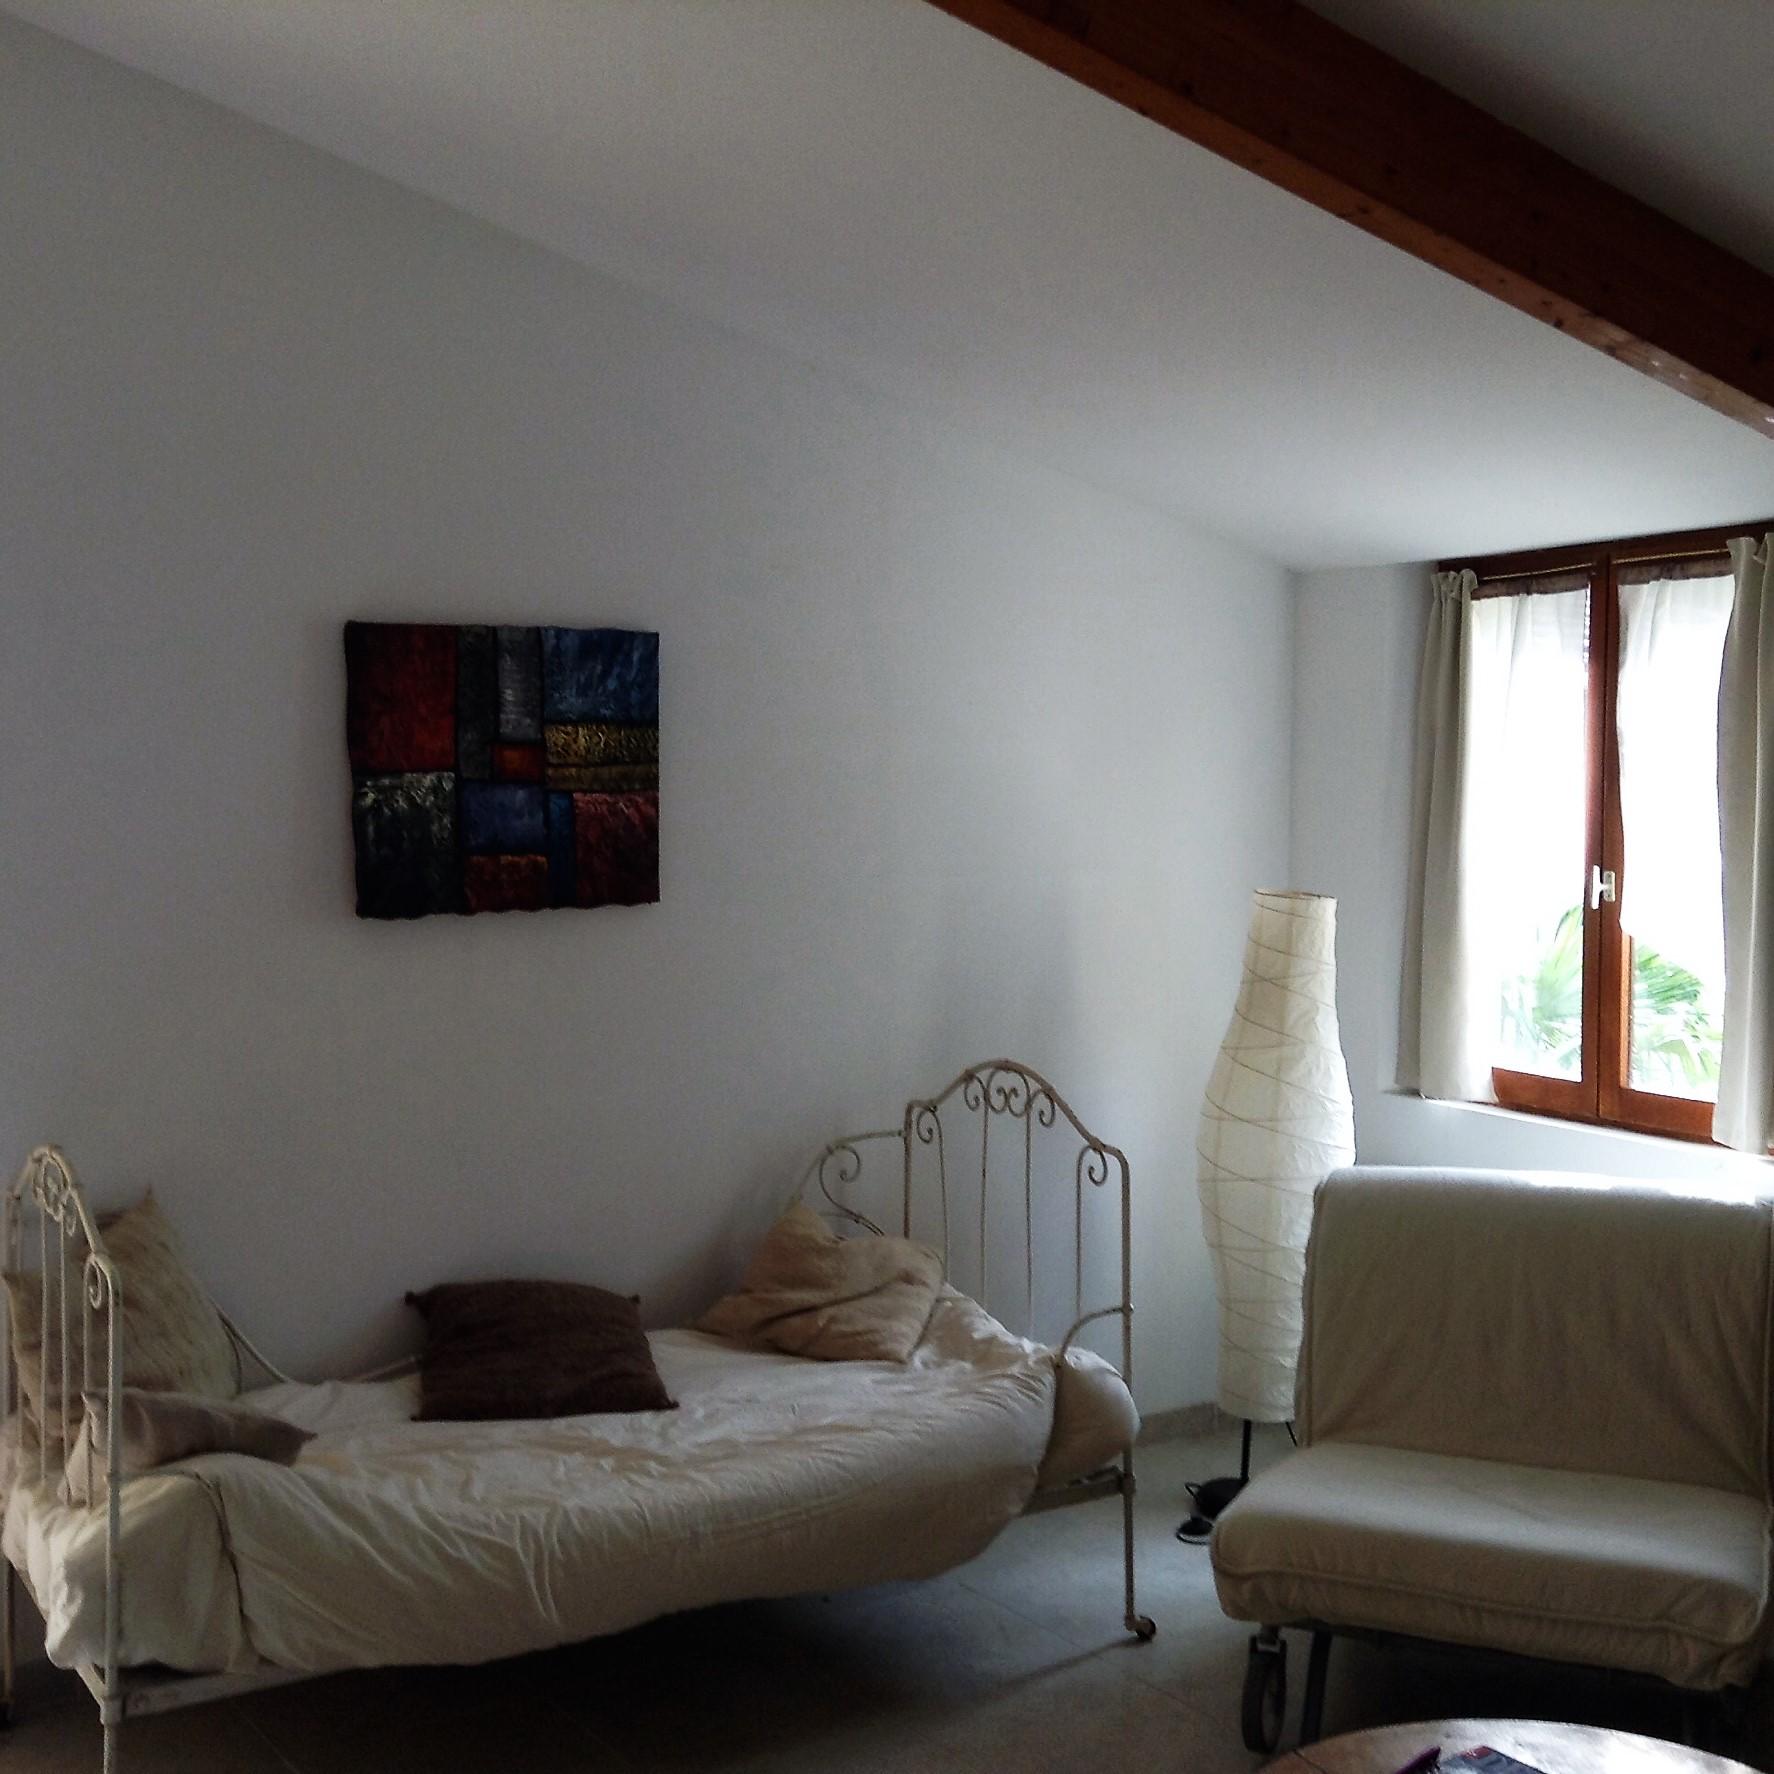 Chambre d'Hotes - Guest Room